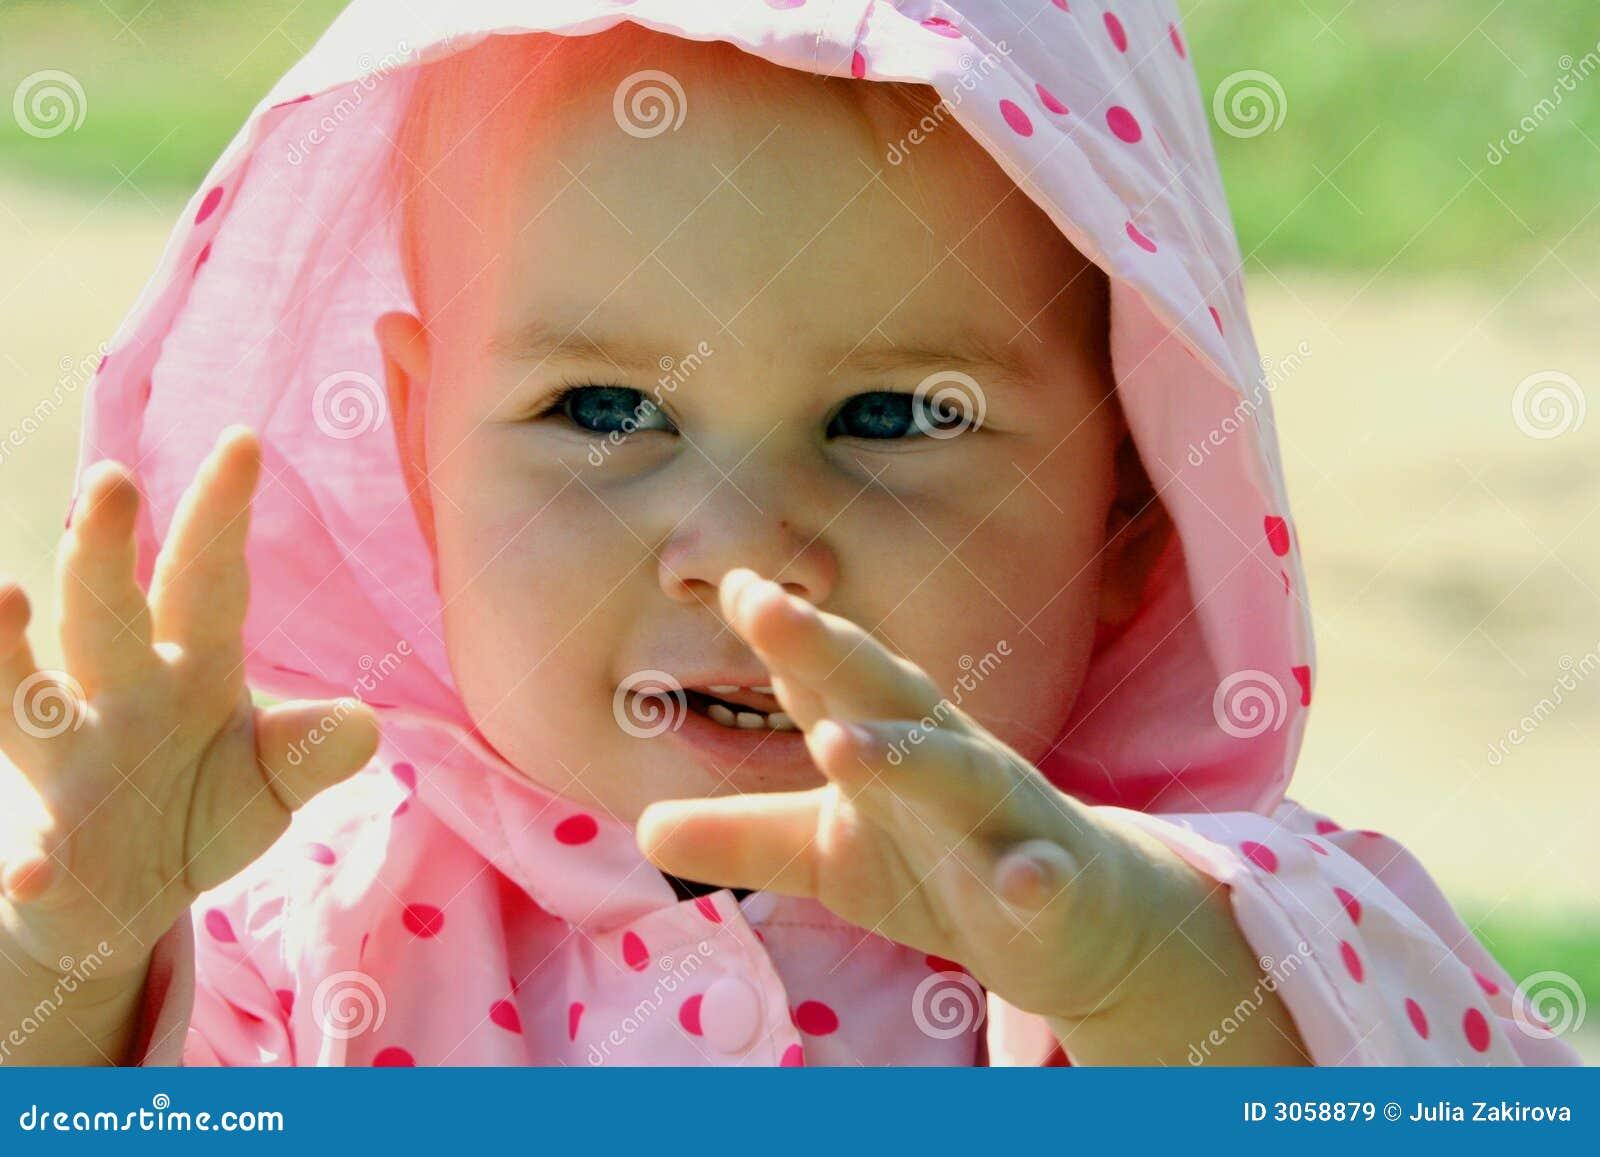 Baby die in haar handen slaat